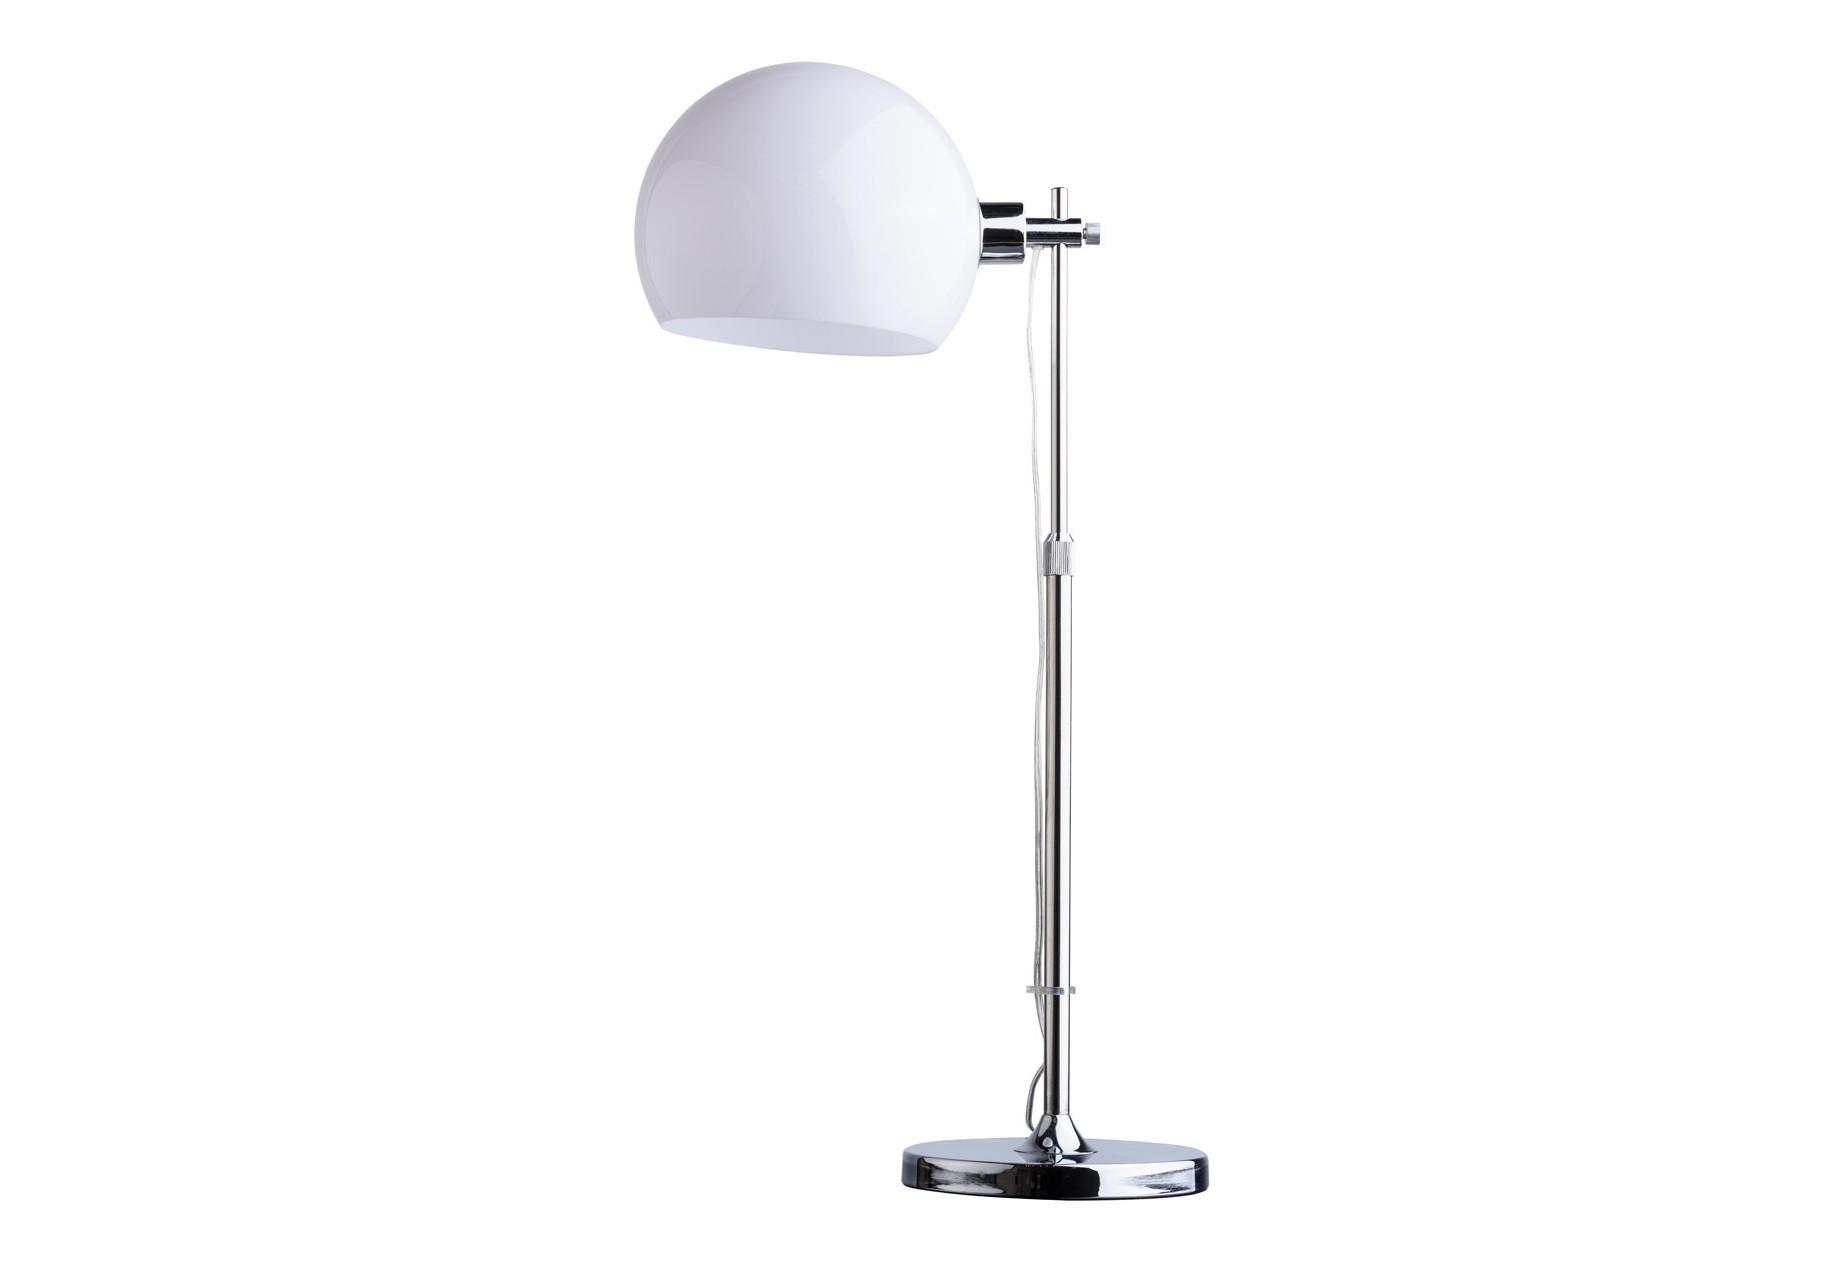 Настольная лампа ТехноНастольные лампы<br>Цоколь: E27,&amp;amp;nbsp;&amp;lt;div&amp;gt;Мощность лампы: 60W,&amp;amp;nbsp;&amp;lt;/div&amp;gt;&amp;lt;div&amp;gt;Количество ламп: 1&amp;amp;nbsp;&amp;lt;/div&amp;gt;&amp;lt;div&amp;gt;Без лампочек в комплекте.&amp;lt;/div&amp;gt;<br><br>Material: Металл<br>Width см: 31<br>Depth см: 22<br>Height см: 87